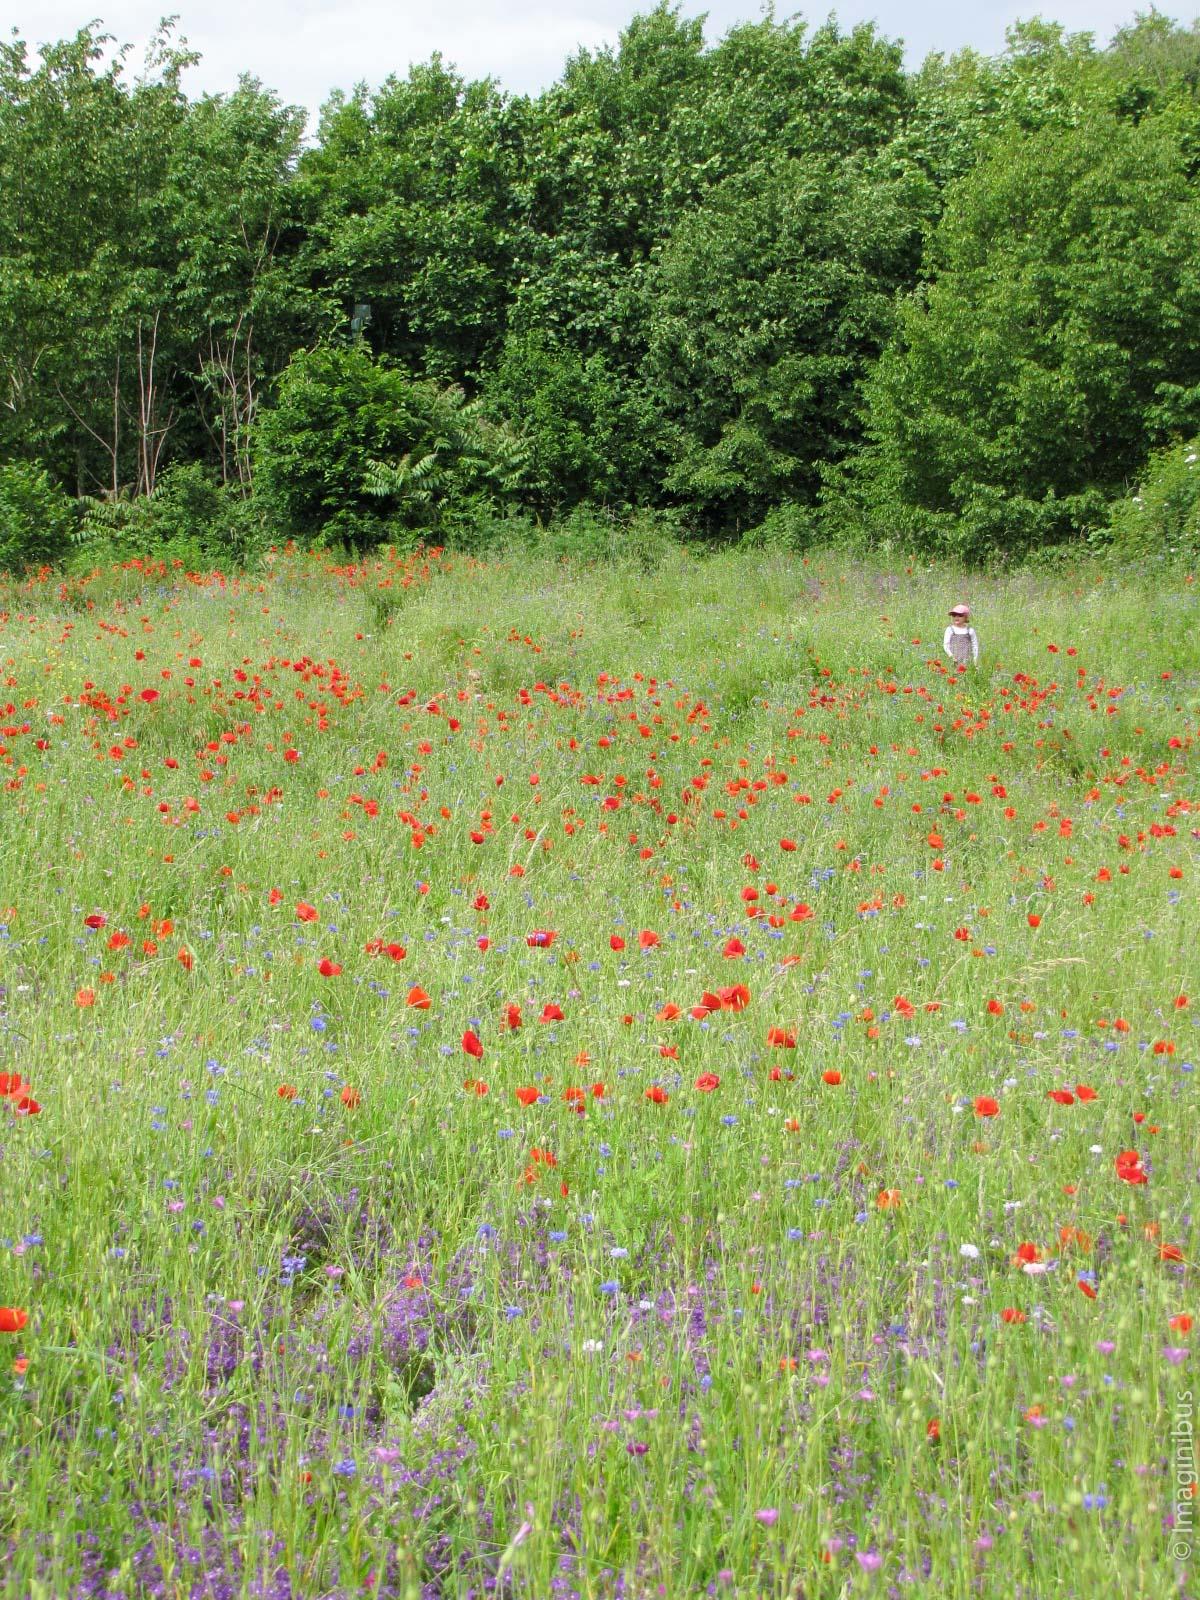 Giverny France Monet Garden Poppy